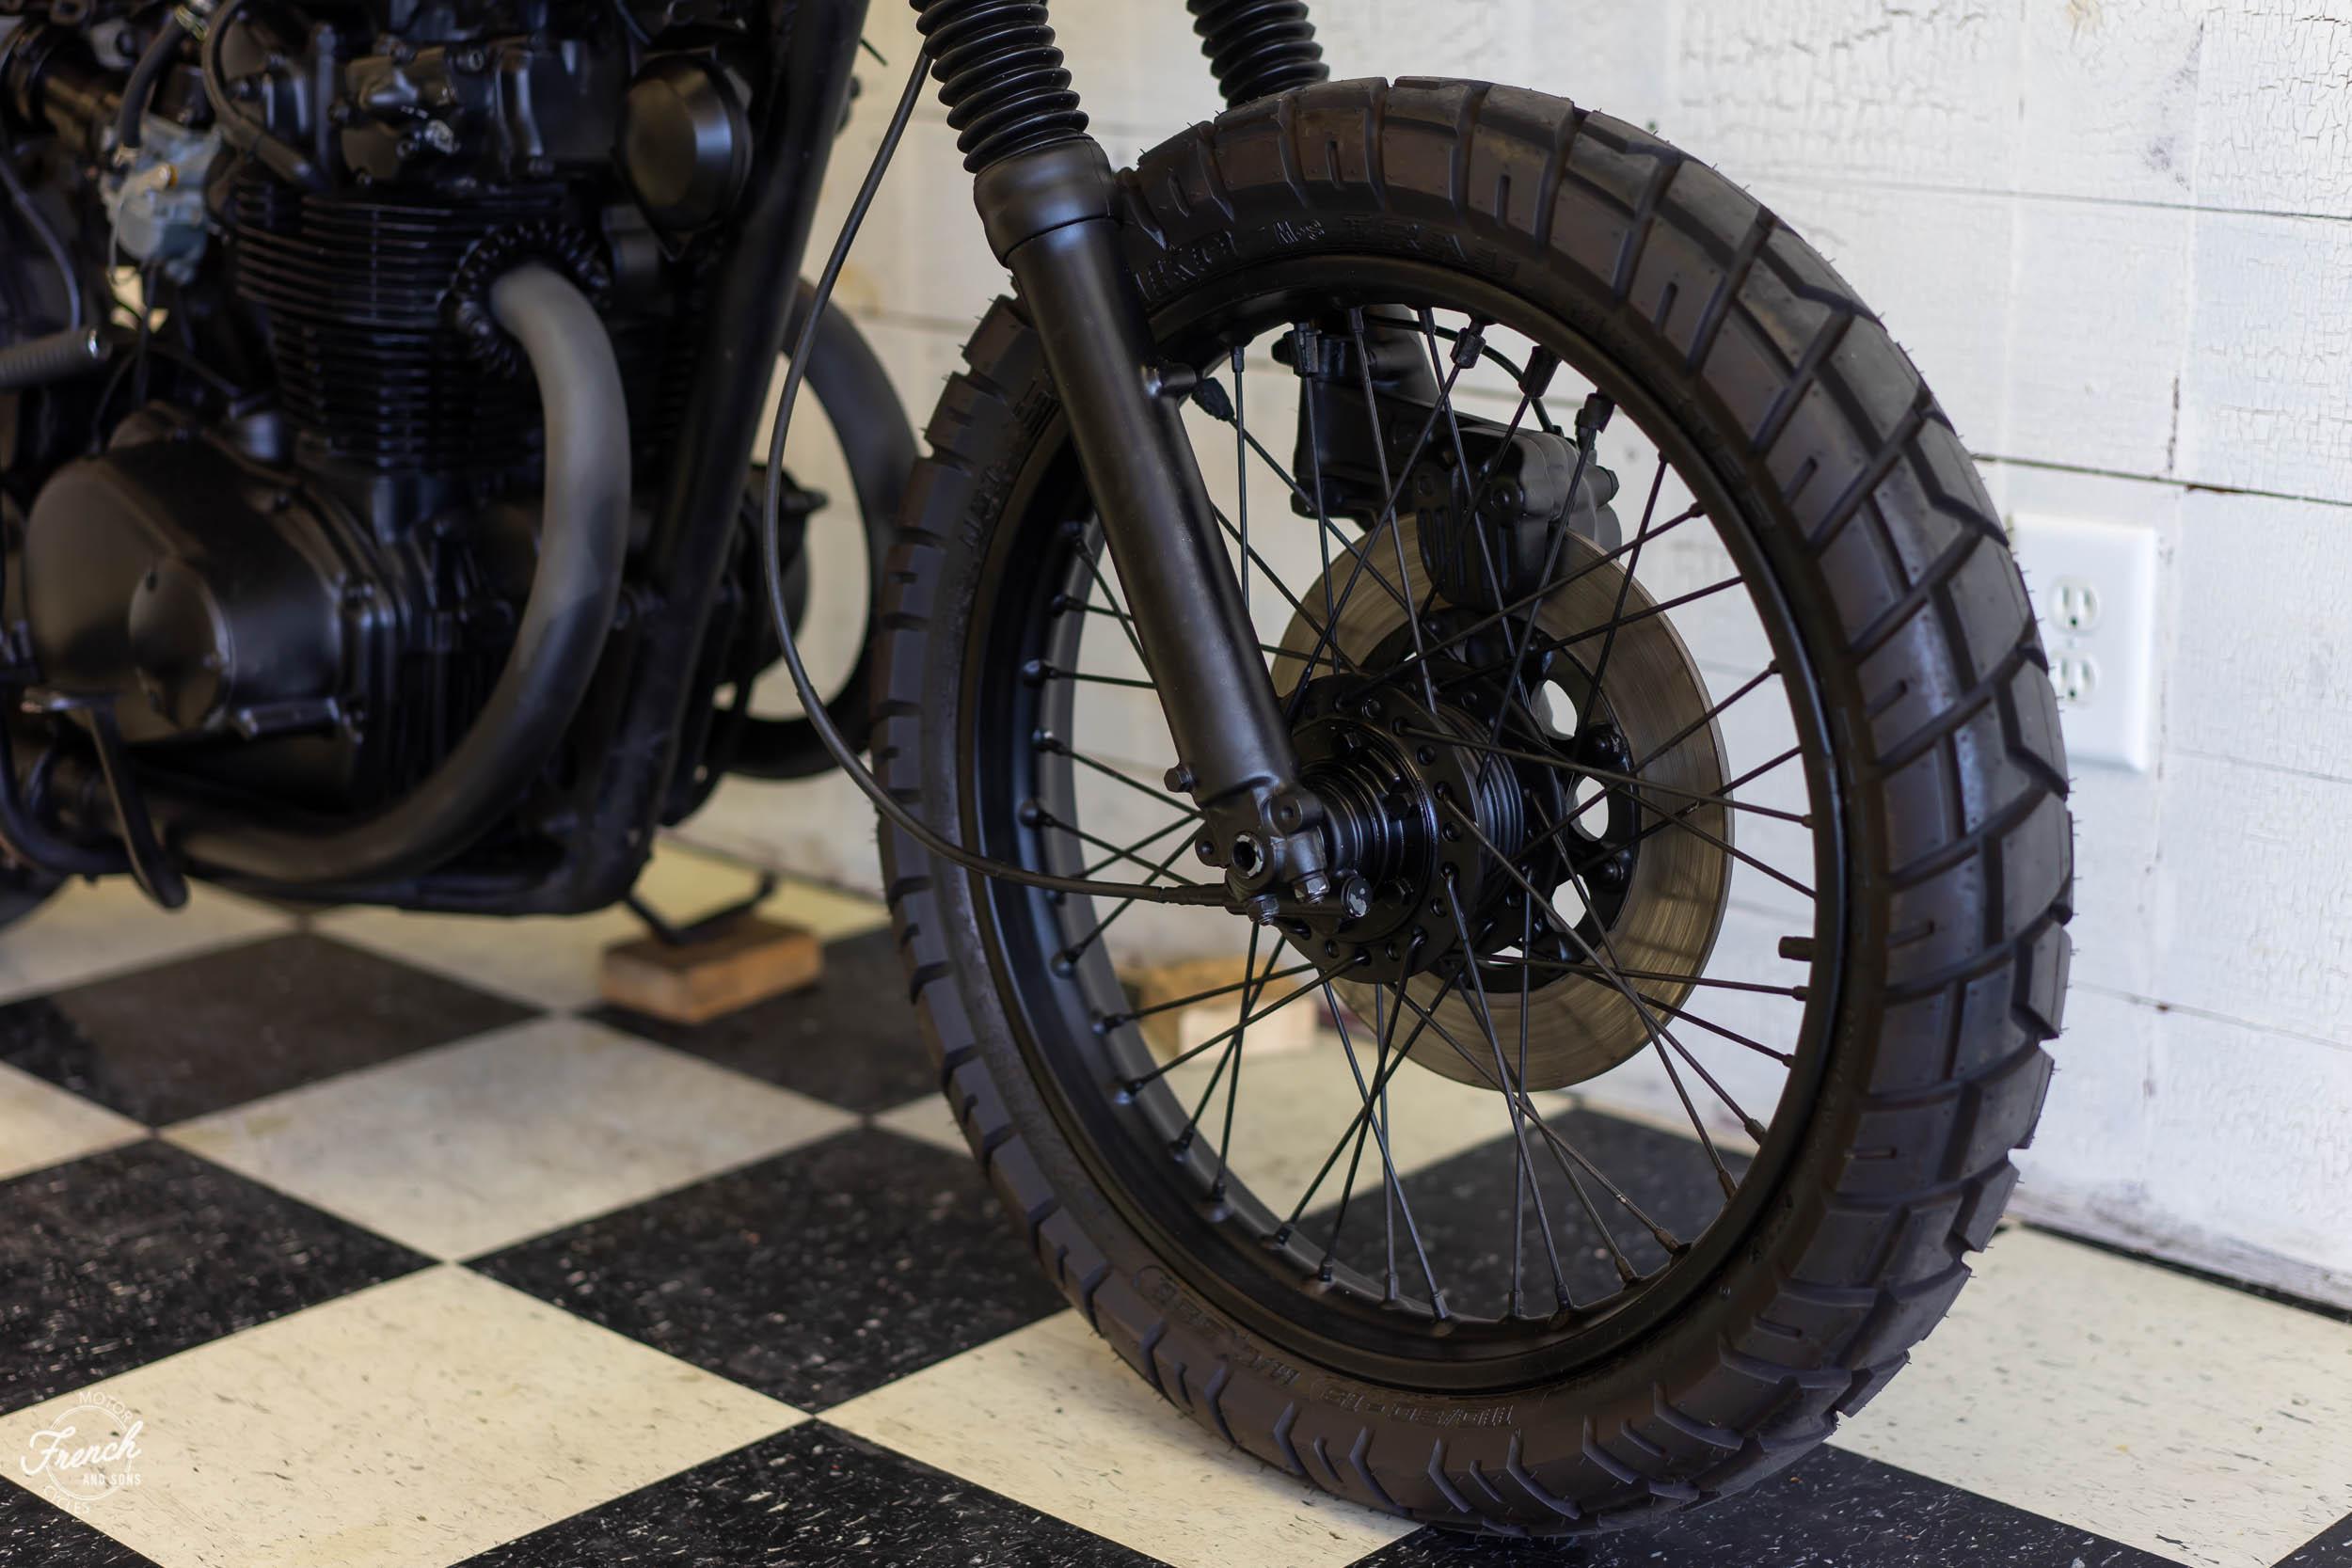 1974_honda_cb450_cafe_racer-13.jpg